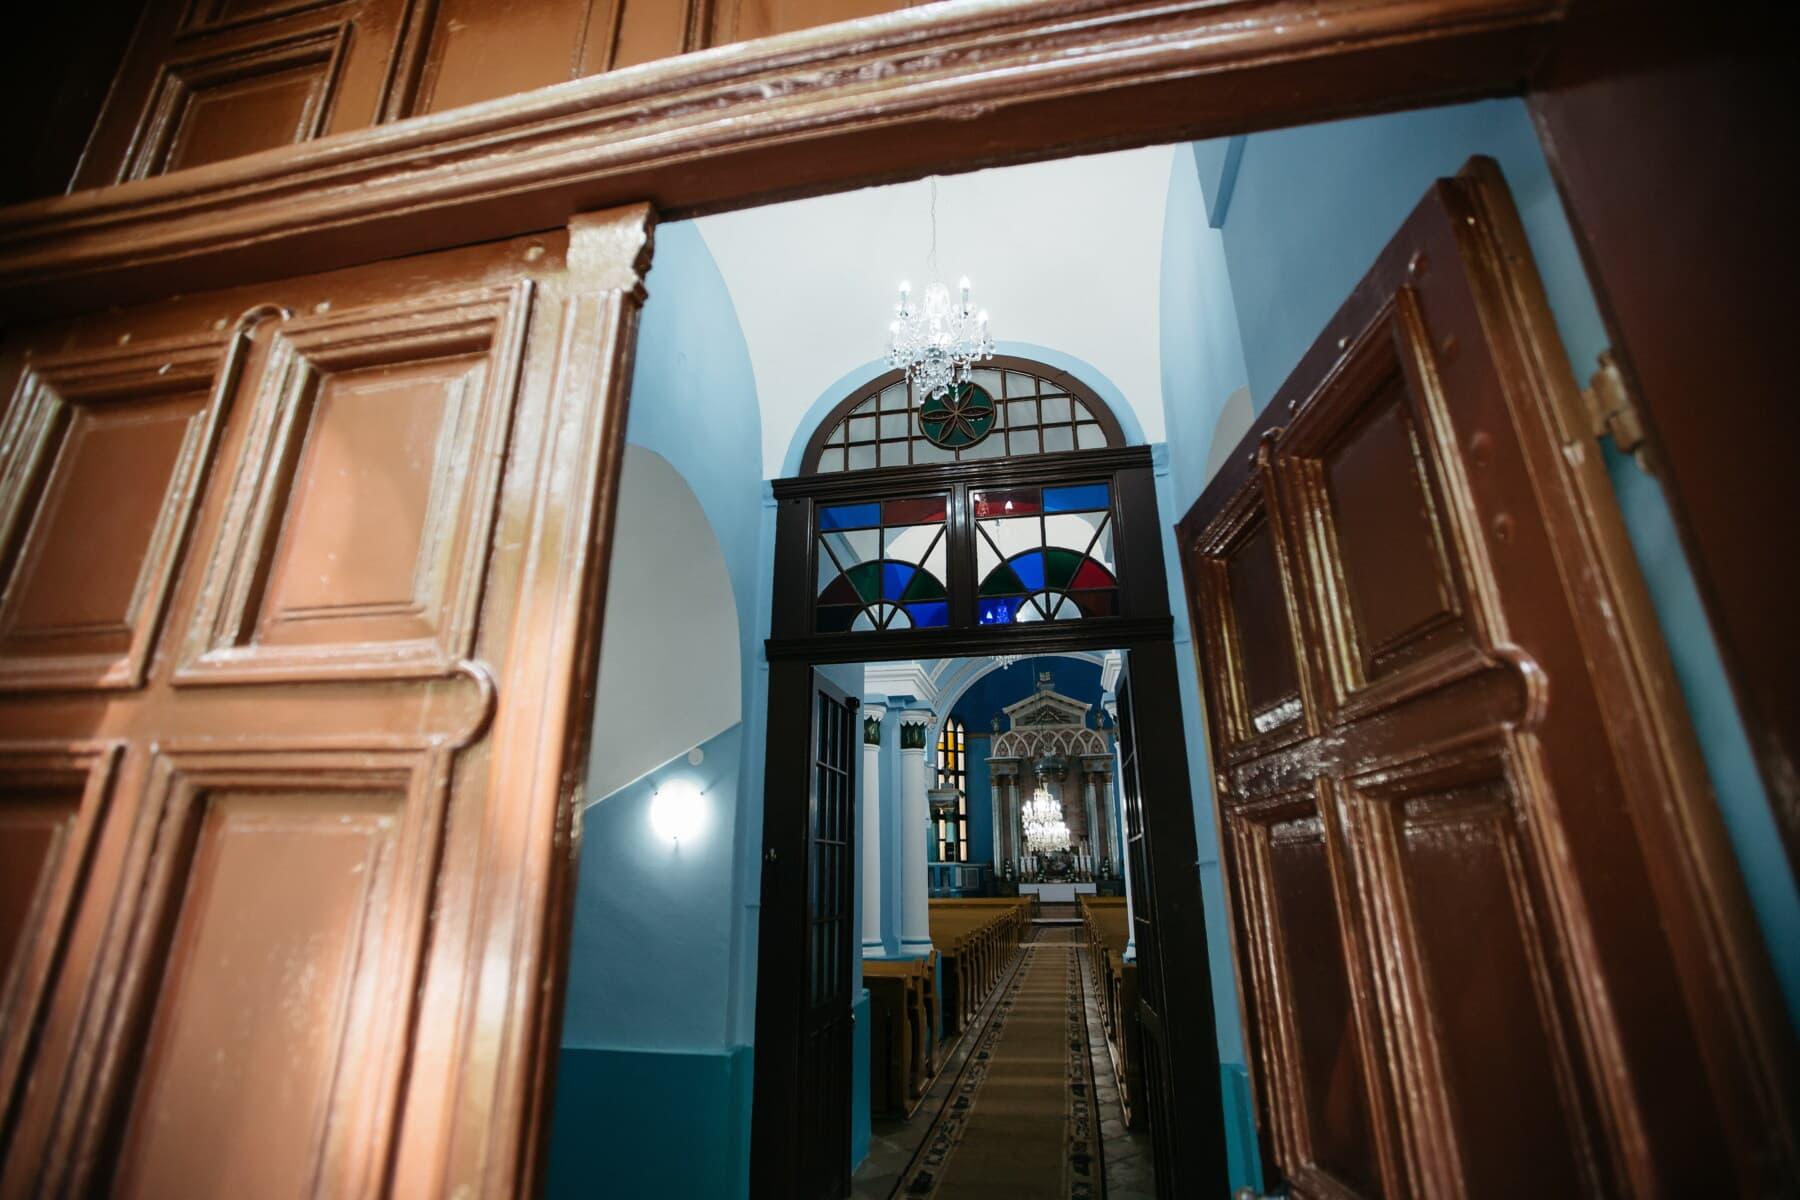 church, front door, catholic, hallway, building, architecture, window, indoors, interior design, door